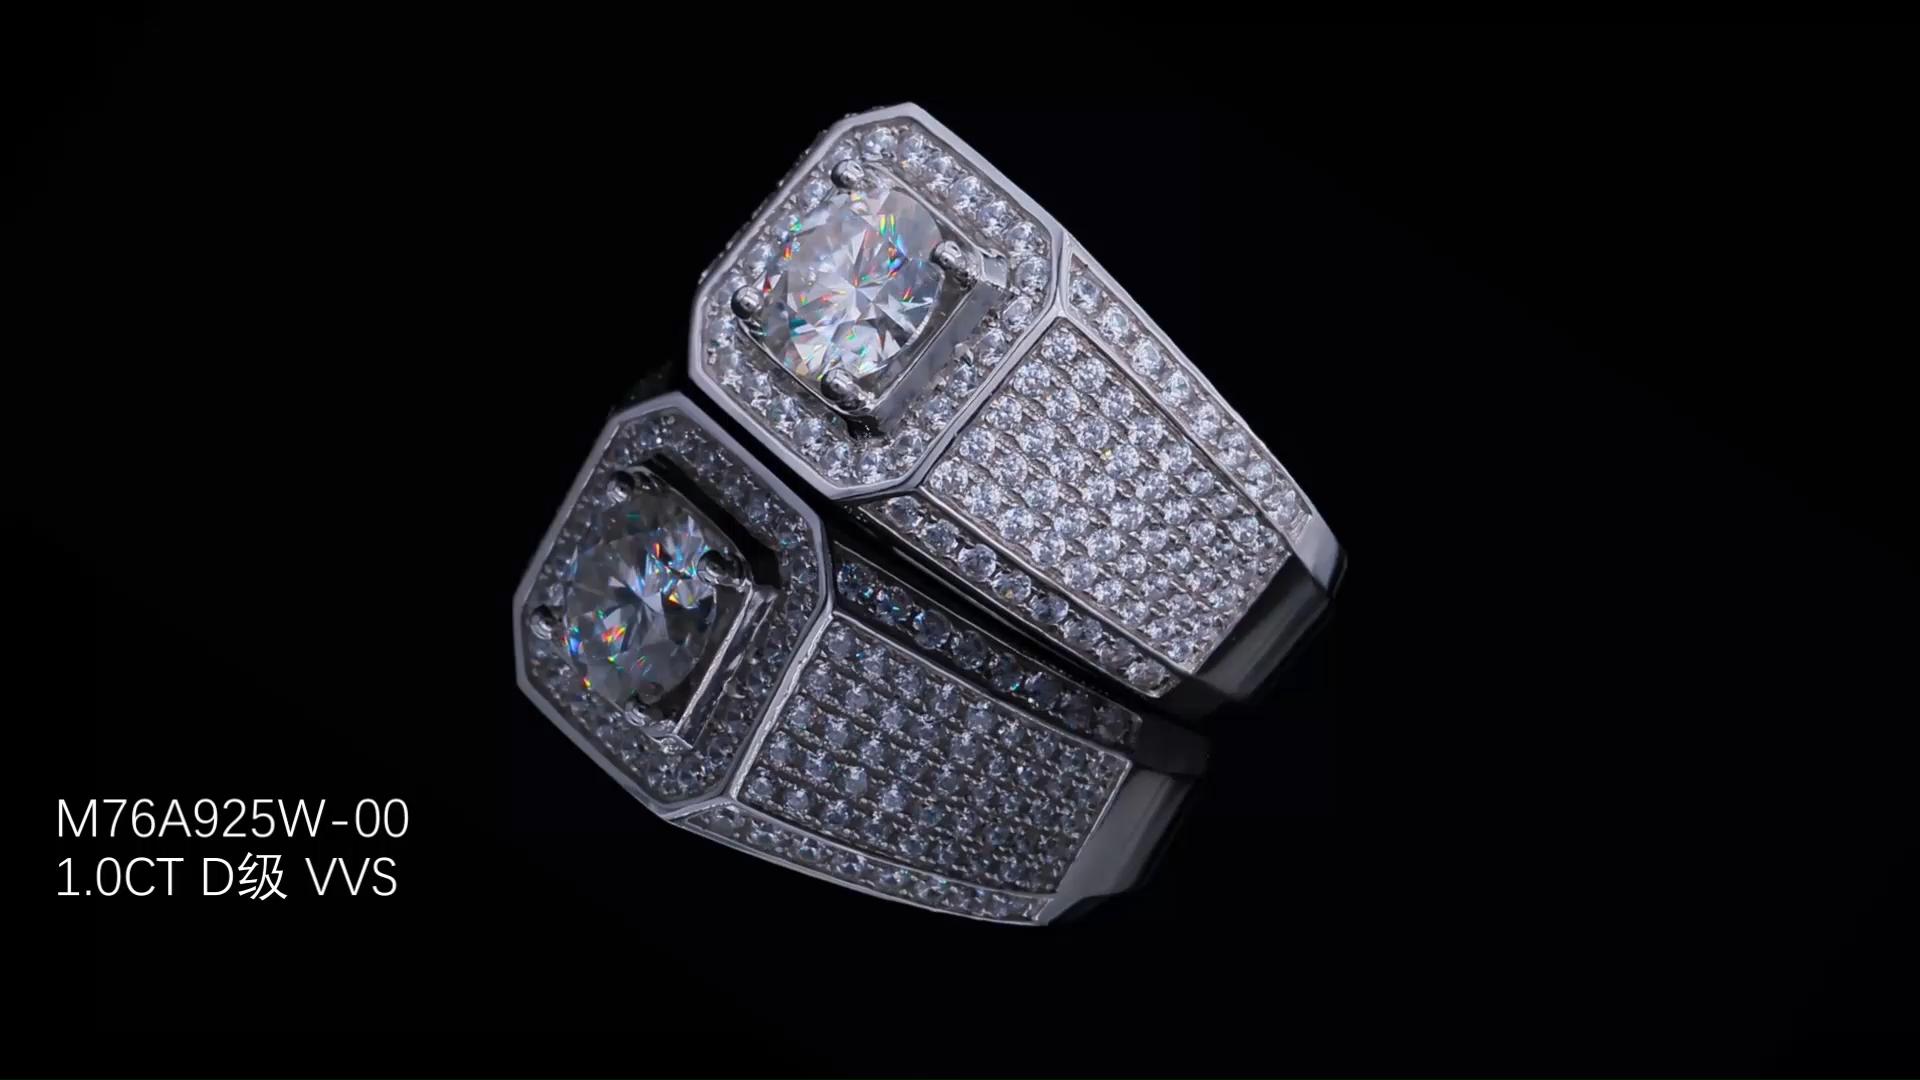 준수 웨딩 1Ct EF 컬러 Moissanite 다이아몬드 925 스털링 실버 패션 반지 게이 손가락 Moissanite 약혼 반지